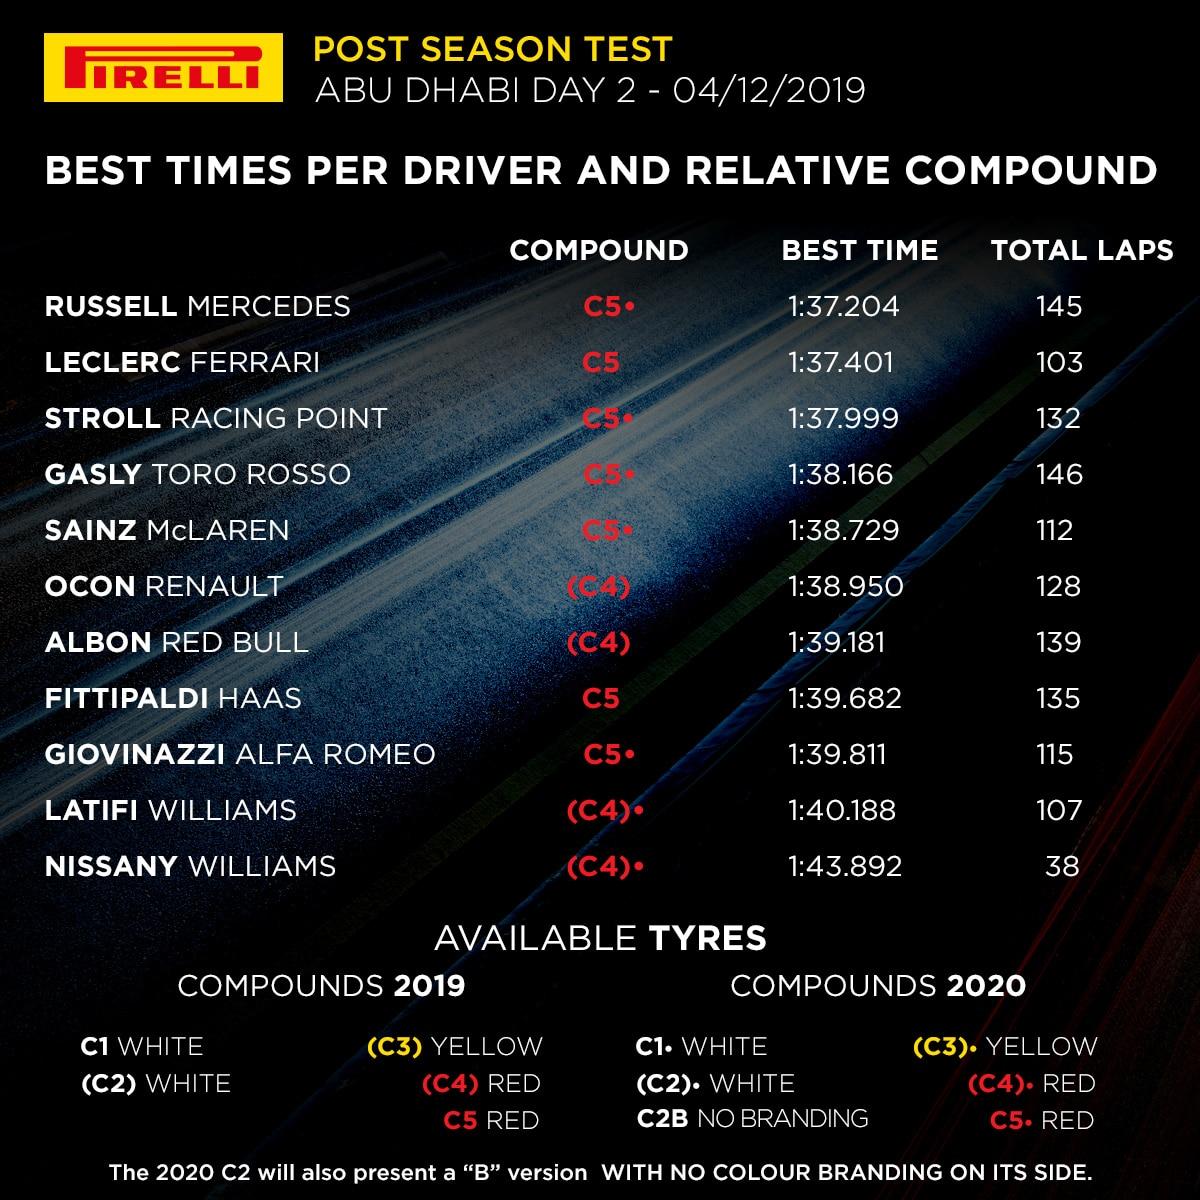 Testy Abu Zabi 2019 Pirelli - dzień 2